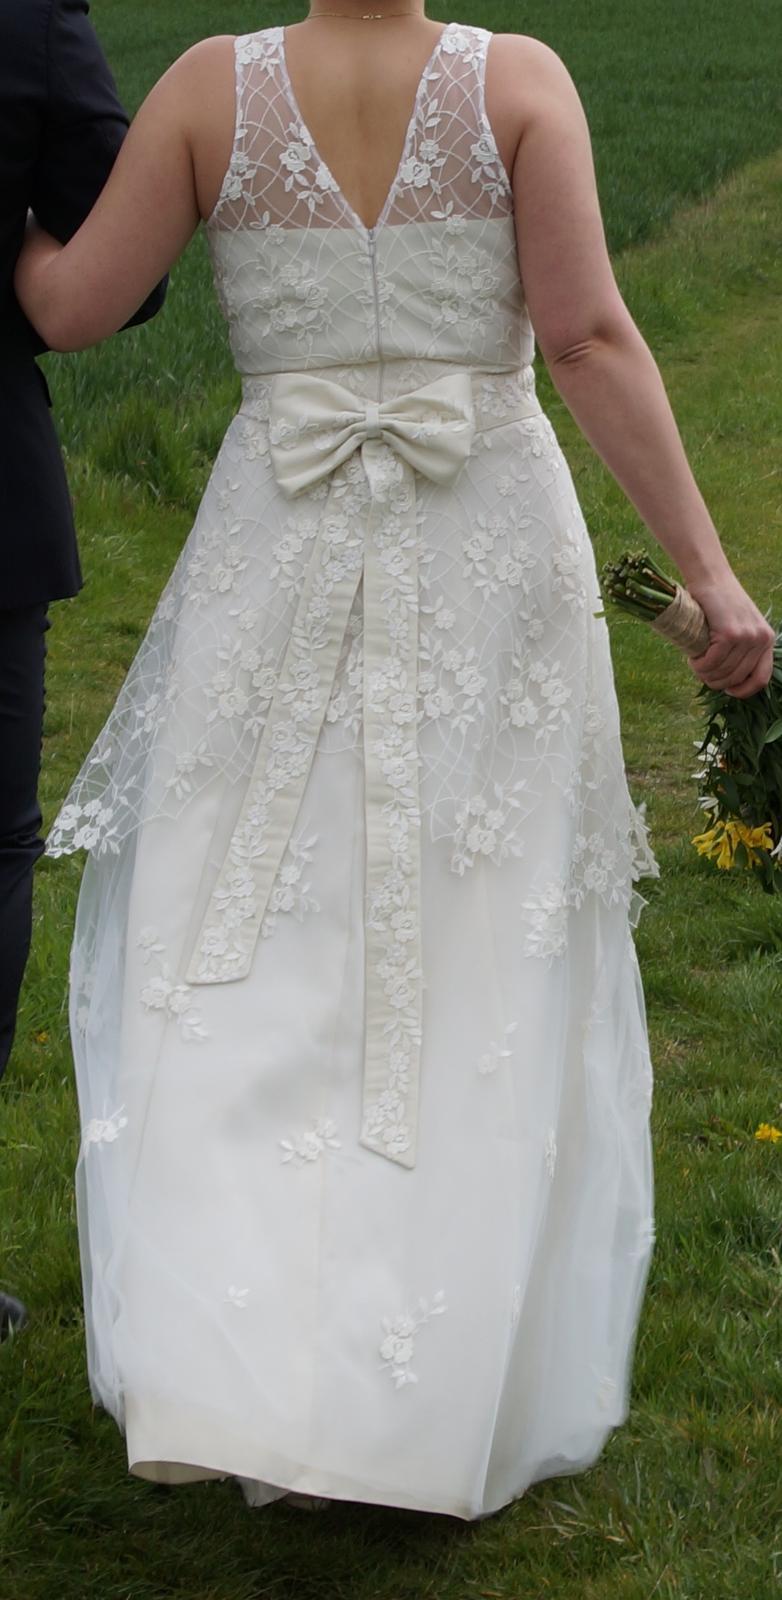 Ručně šité, 1x nošené svatební šaty, postava 170cm - Obrázek č. 3